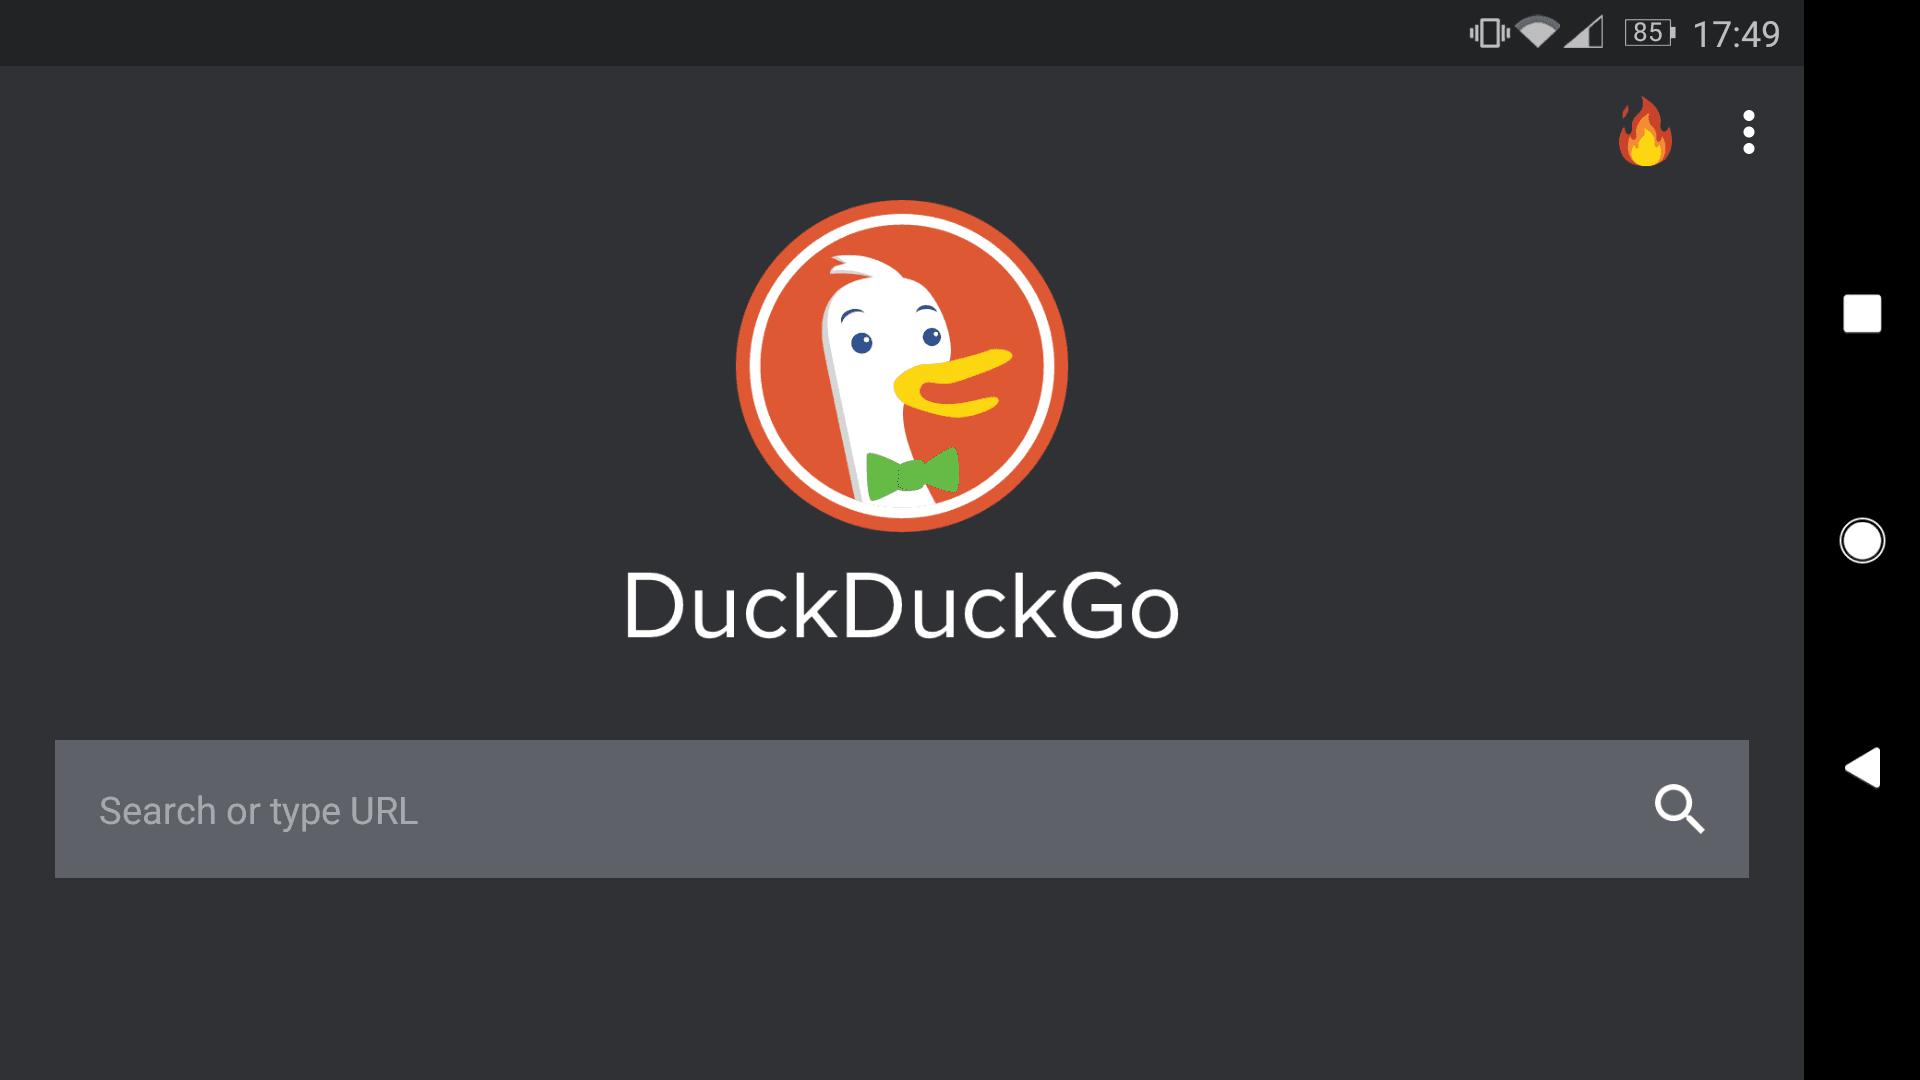 Szef Twittera woli wyszukiwarkę DuckDuckGo zamiast Google 19